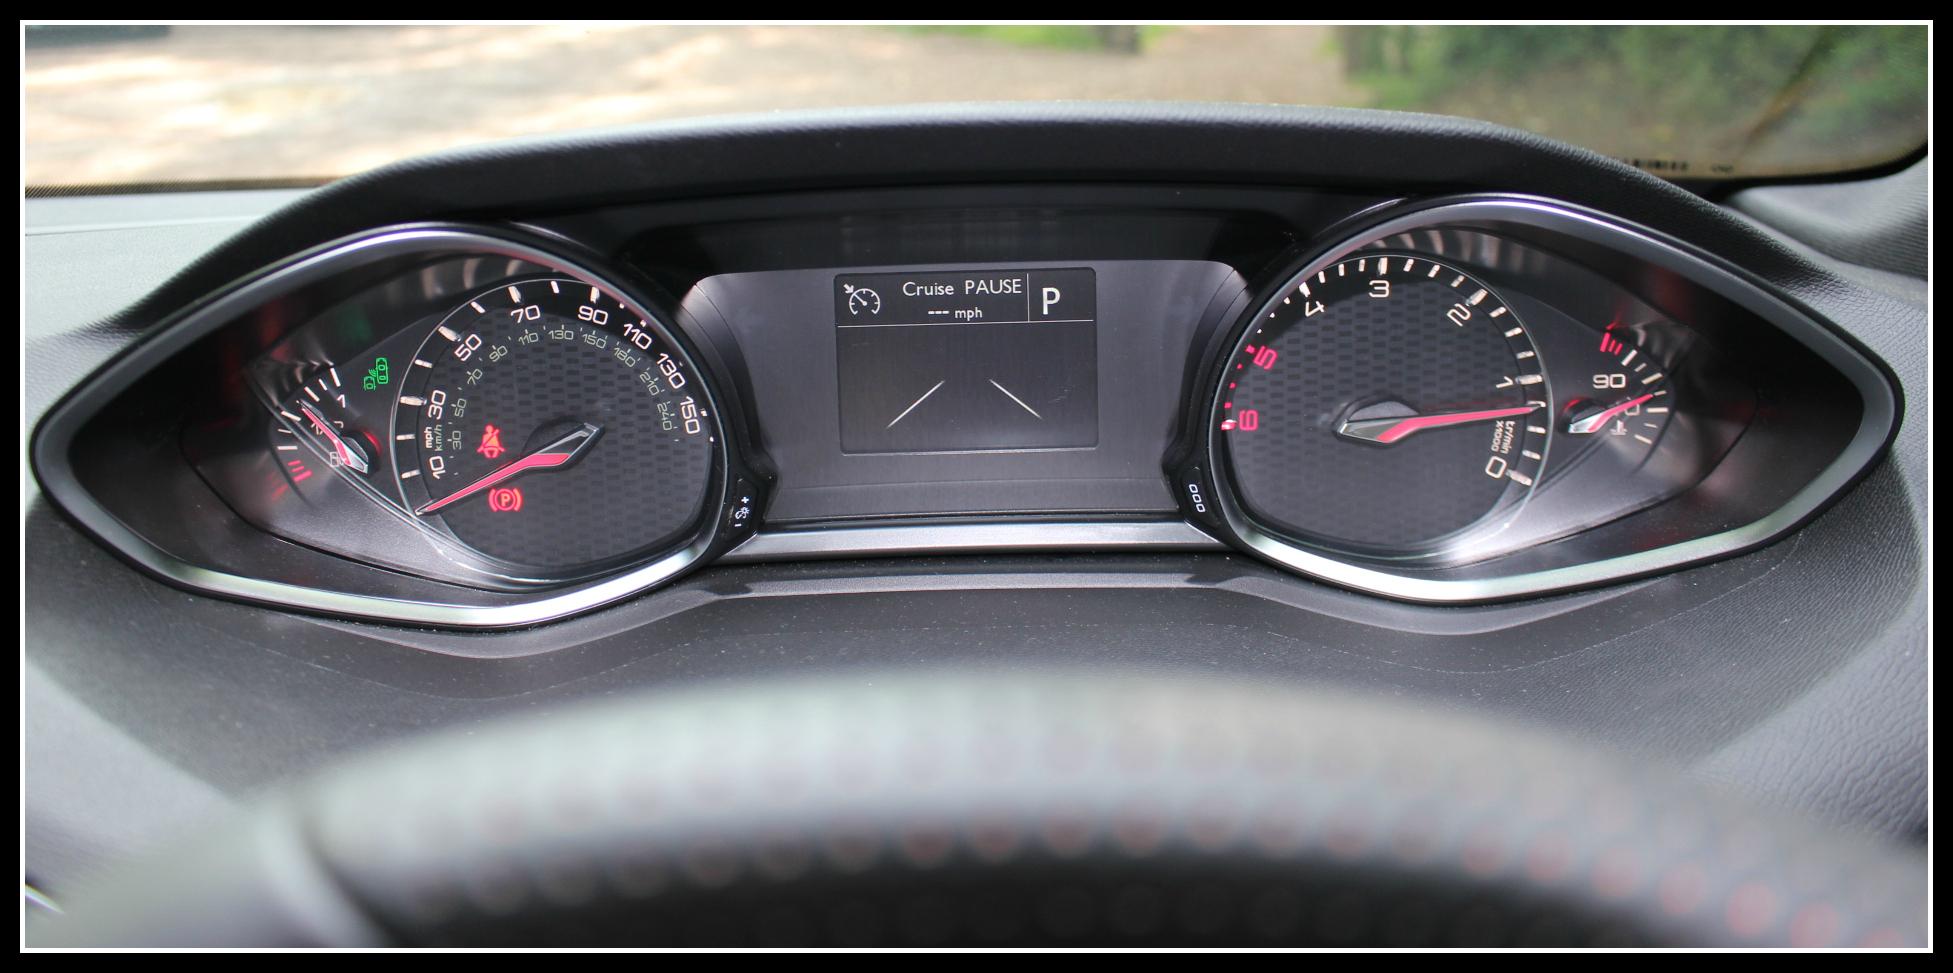 Peugeot 308 GT instrument panel - Dad Blog UK